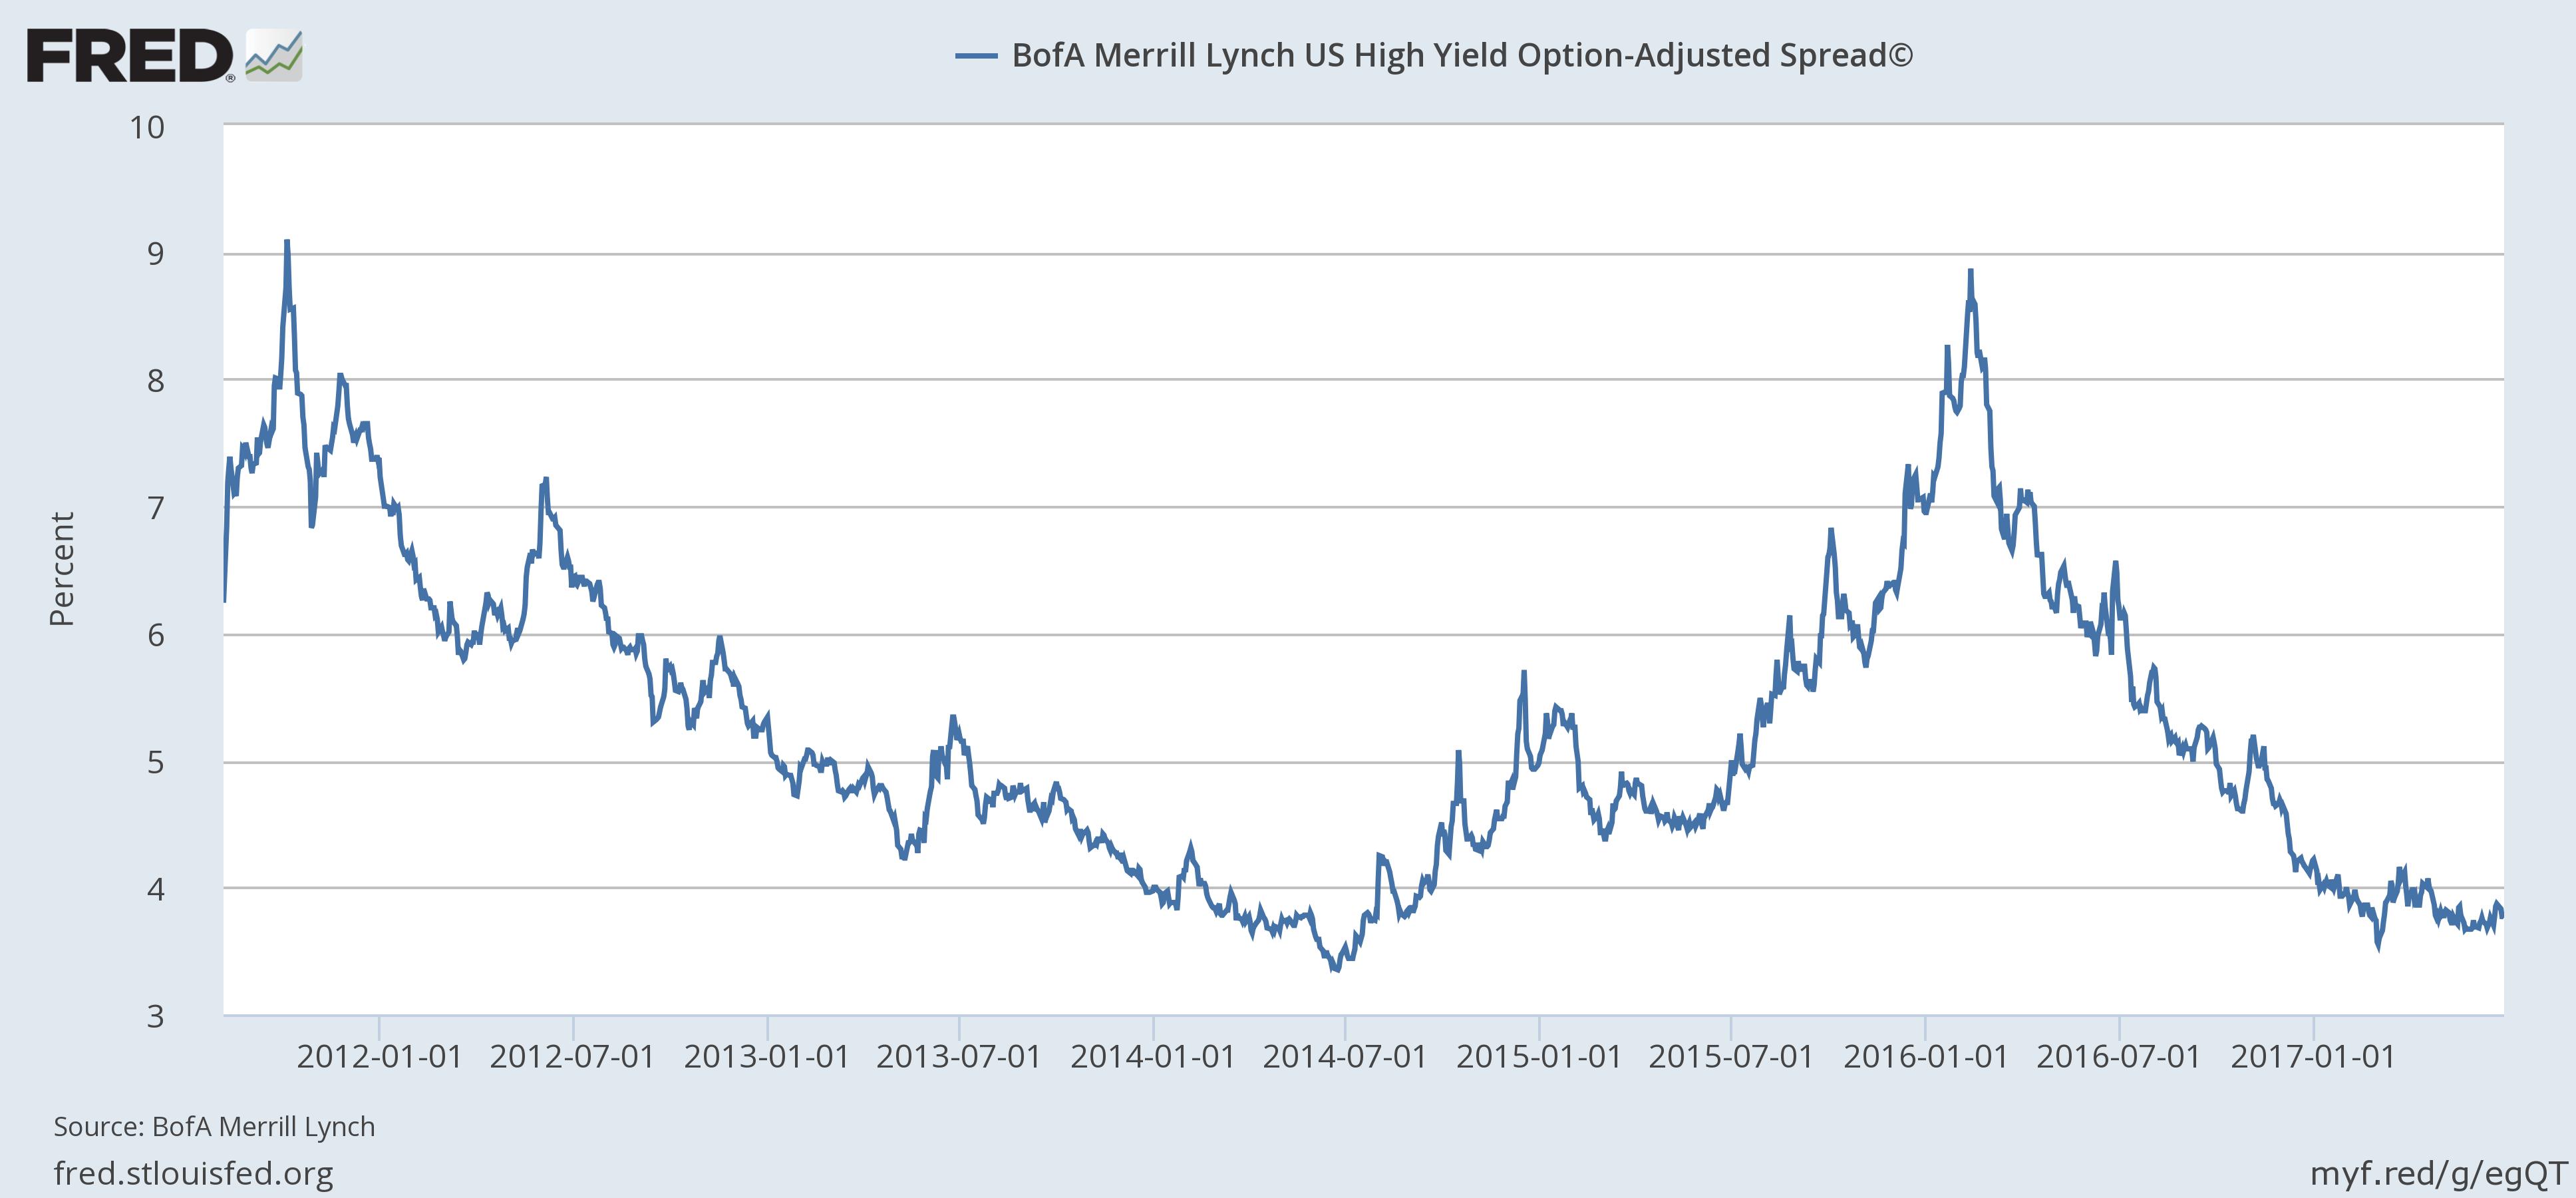 US BofA Merril Lynch High Yield Option Adjusted Spread